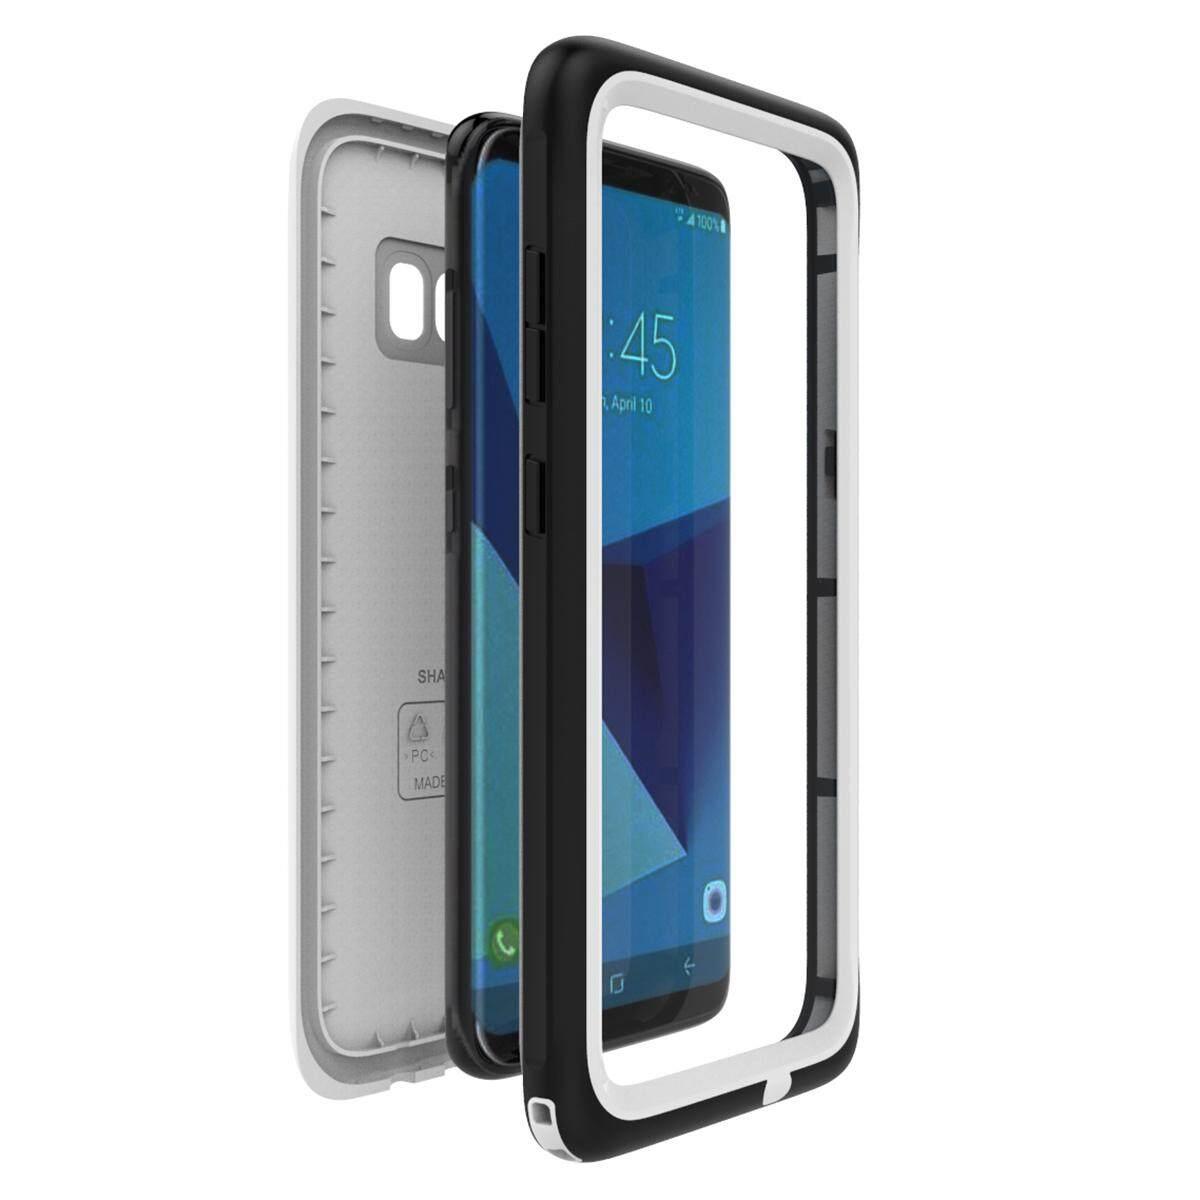 Moonmini Case untuk Samsung Galaksi S8 Ultra Ramping Anti-Air Anti Guncangan Dirtproof Snowproof Penuh Badan Case Sarung Pelindung dengan Desain Tombol dan Fungsi Sentuh Identitas-Internasional